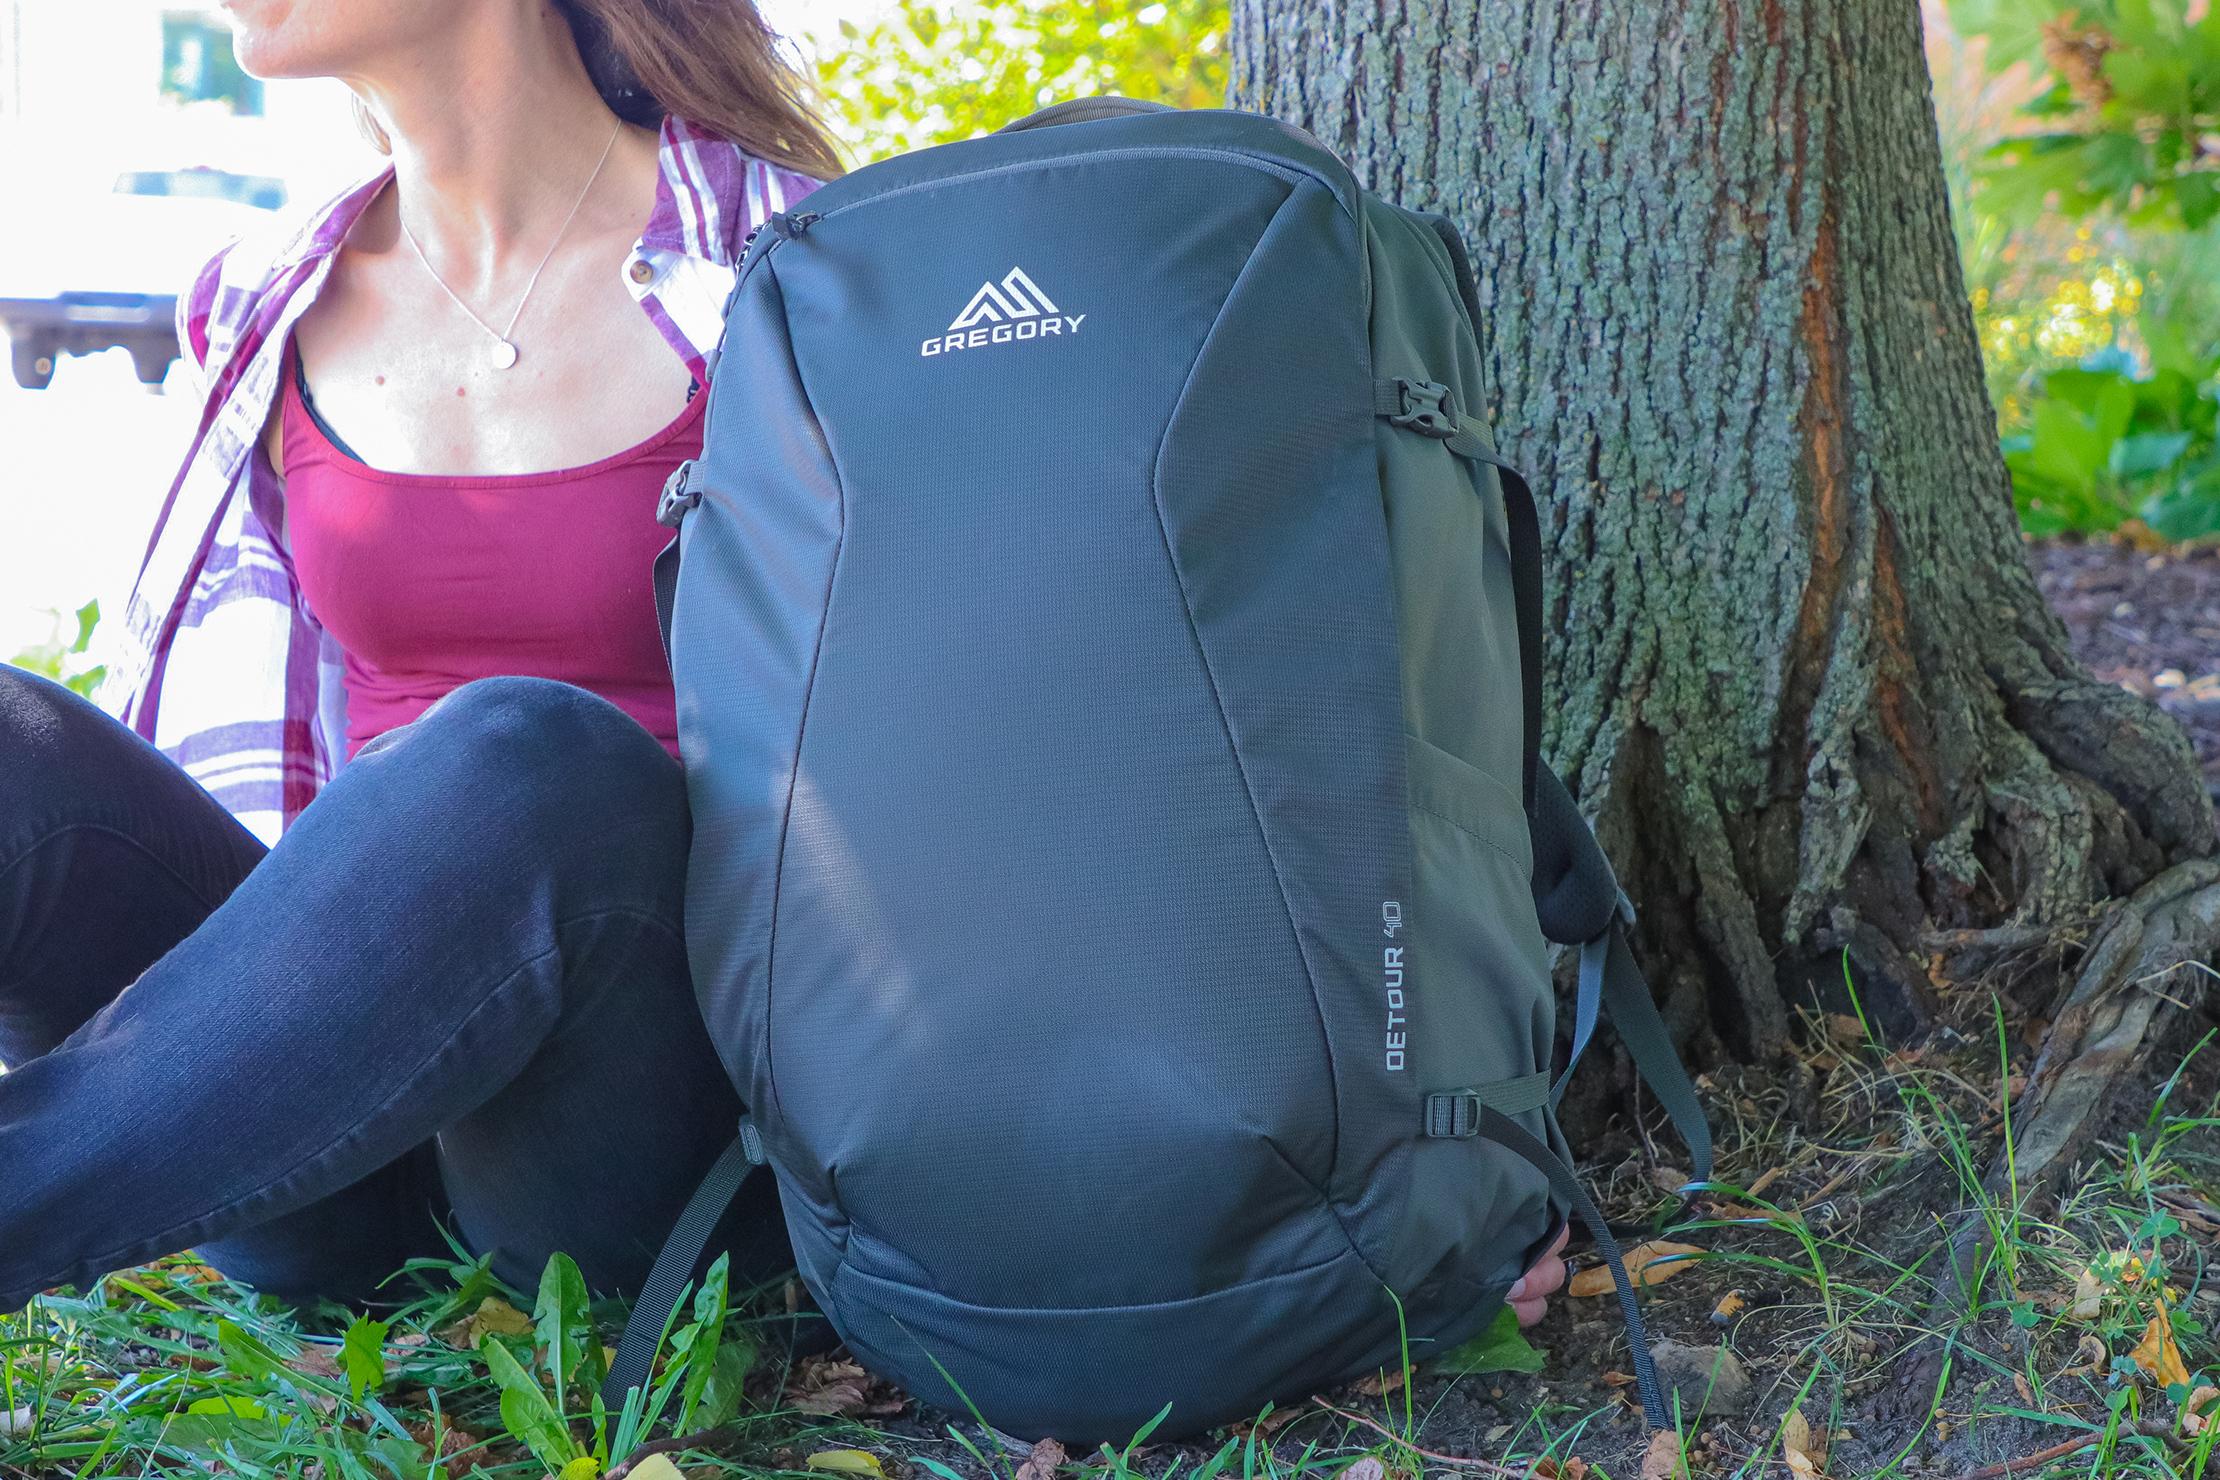 Gregory Detour 40 Backpack Usage 4